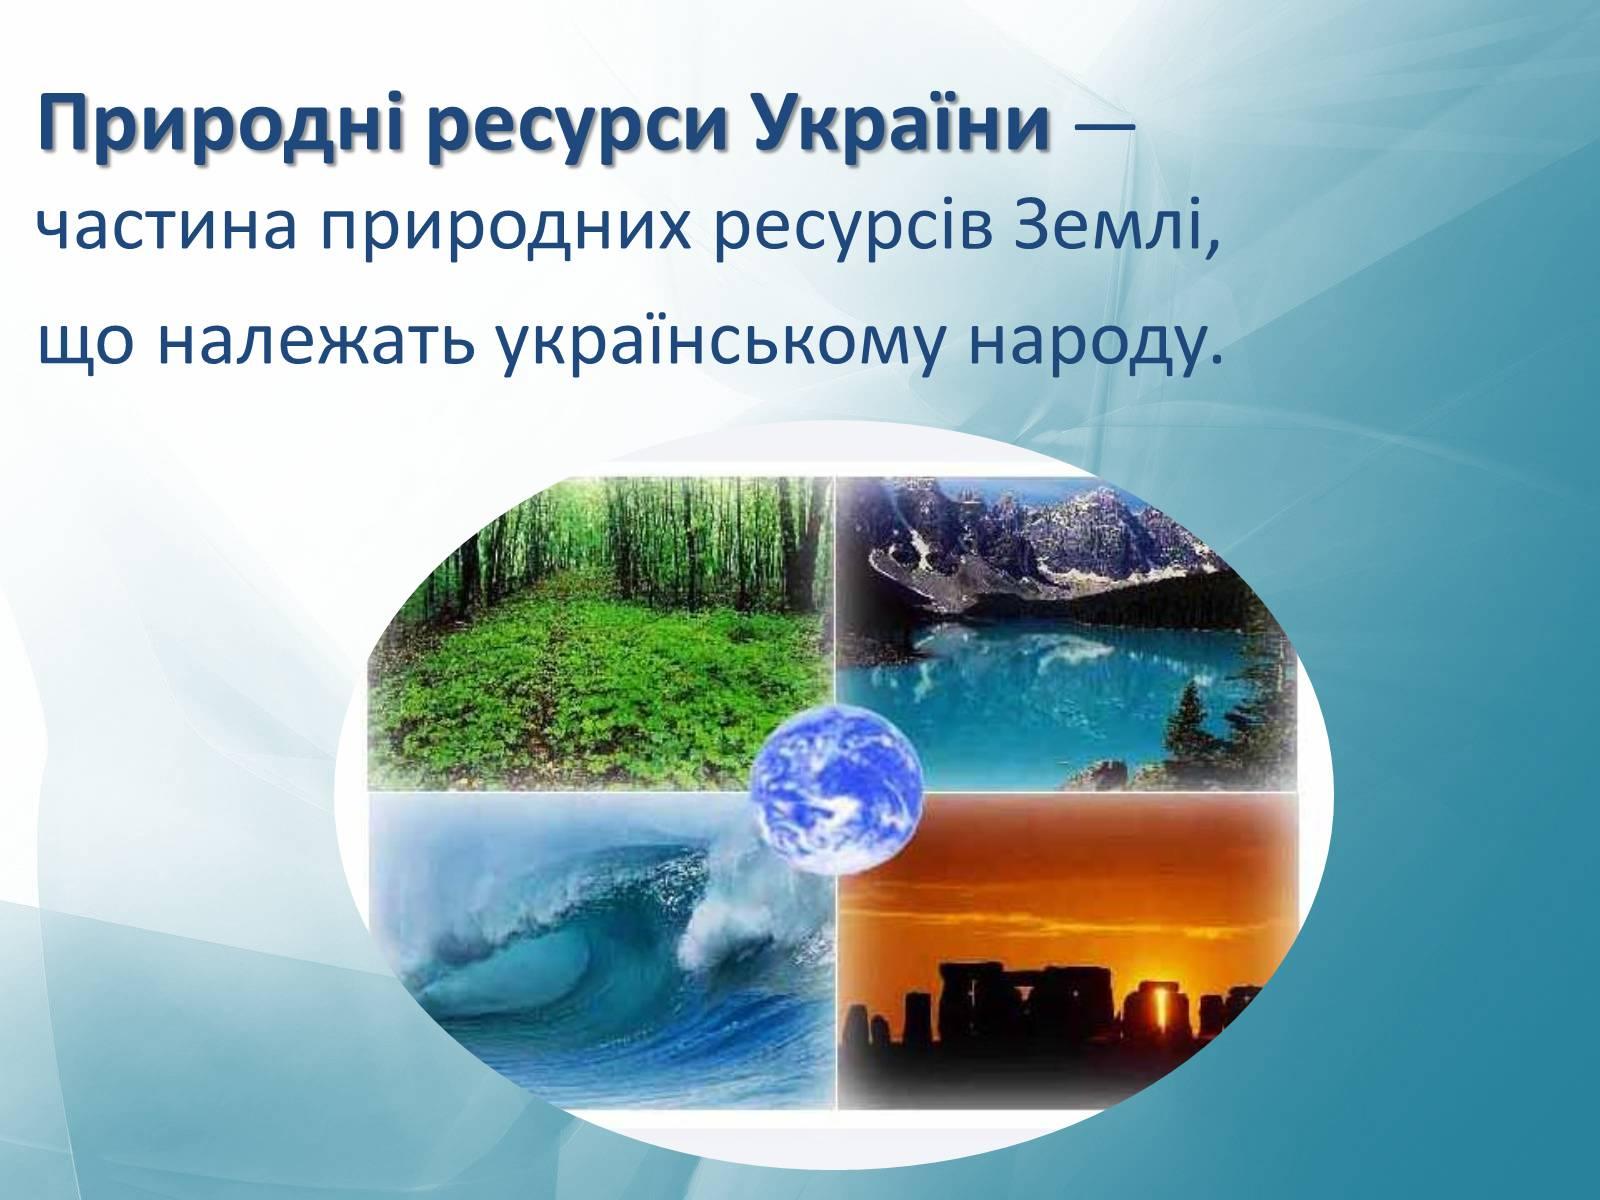 Презентація на тему Природні ресурси України — презентації з ...